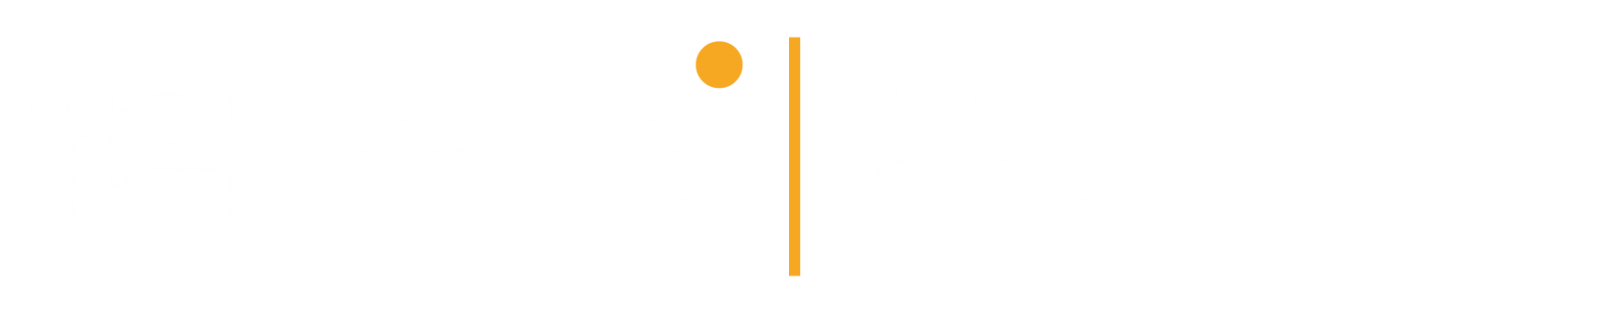 Logotipo Renapsi_2018_Integrante - Horizontal Branco e Laranja